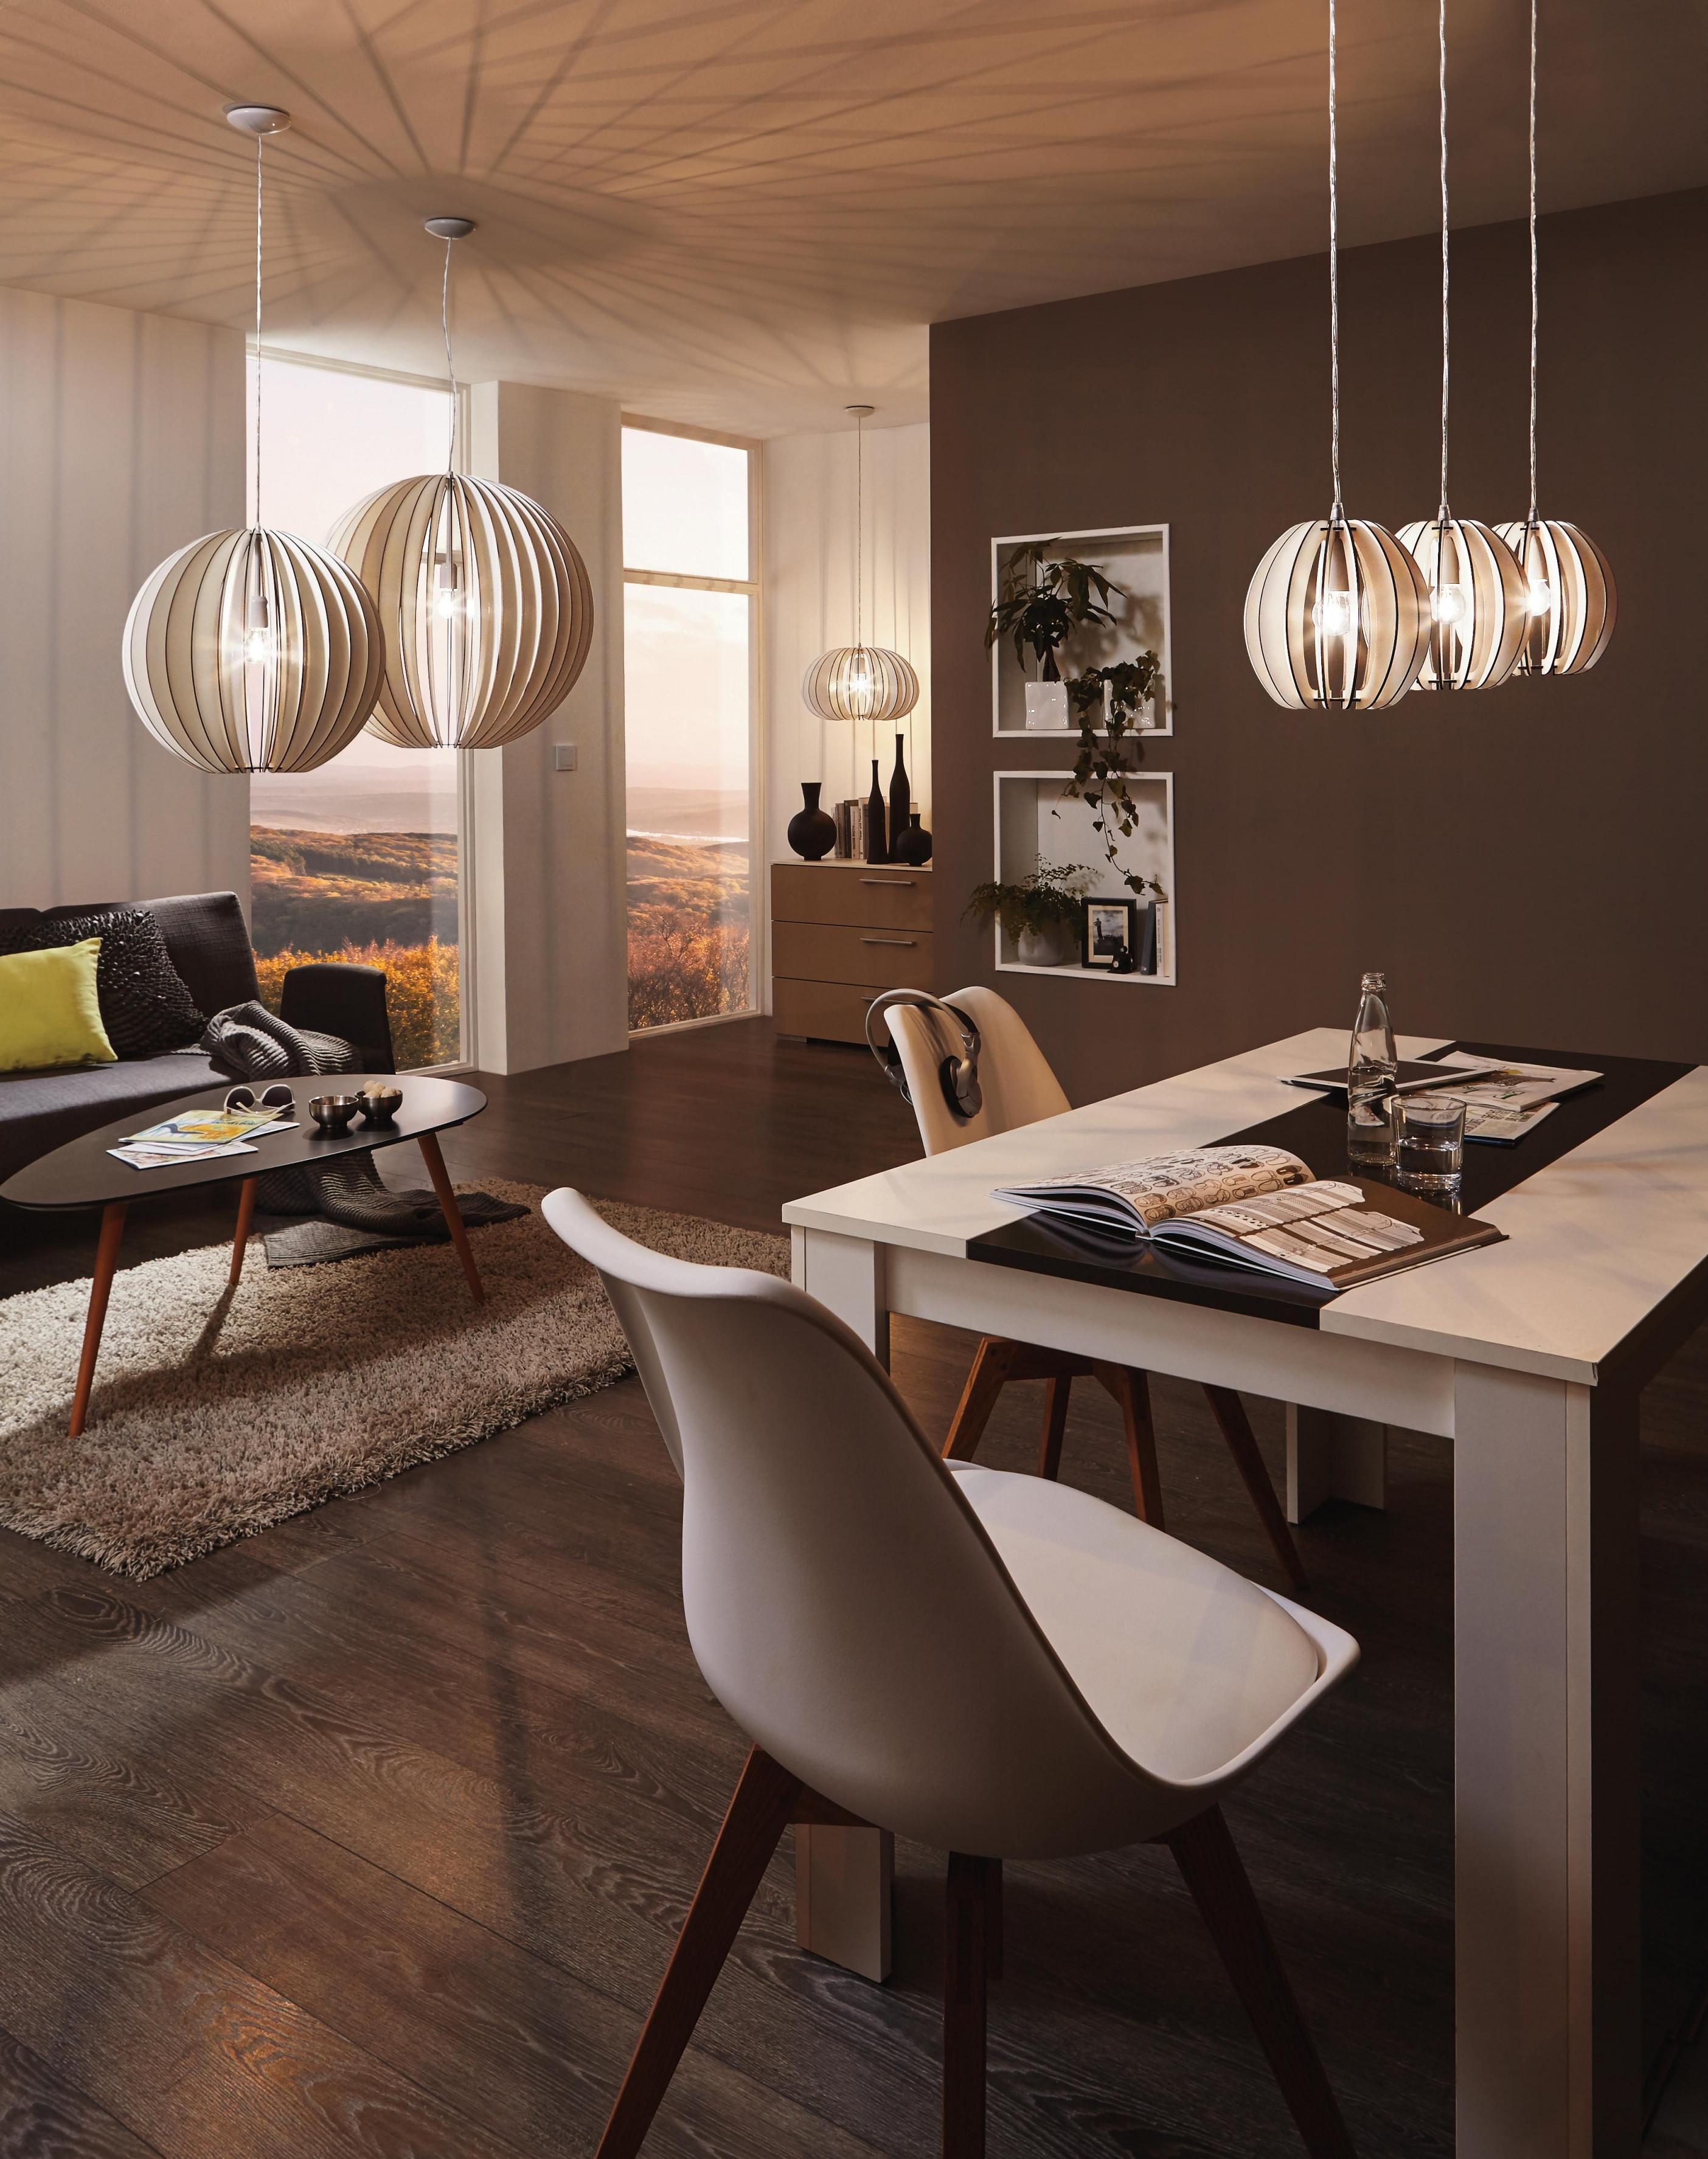 Mit Den Skandinavischen Hängeleuchten Aus Holz Verleiht Ihr von Wohnzimmer Lampe Hängend Holz Photo